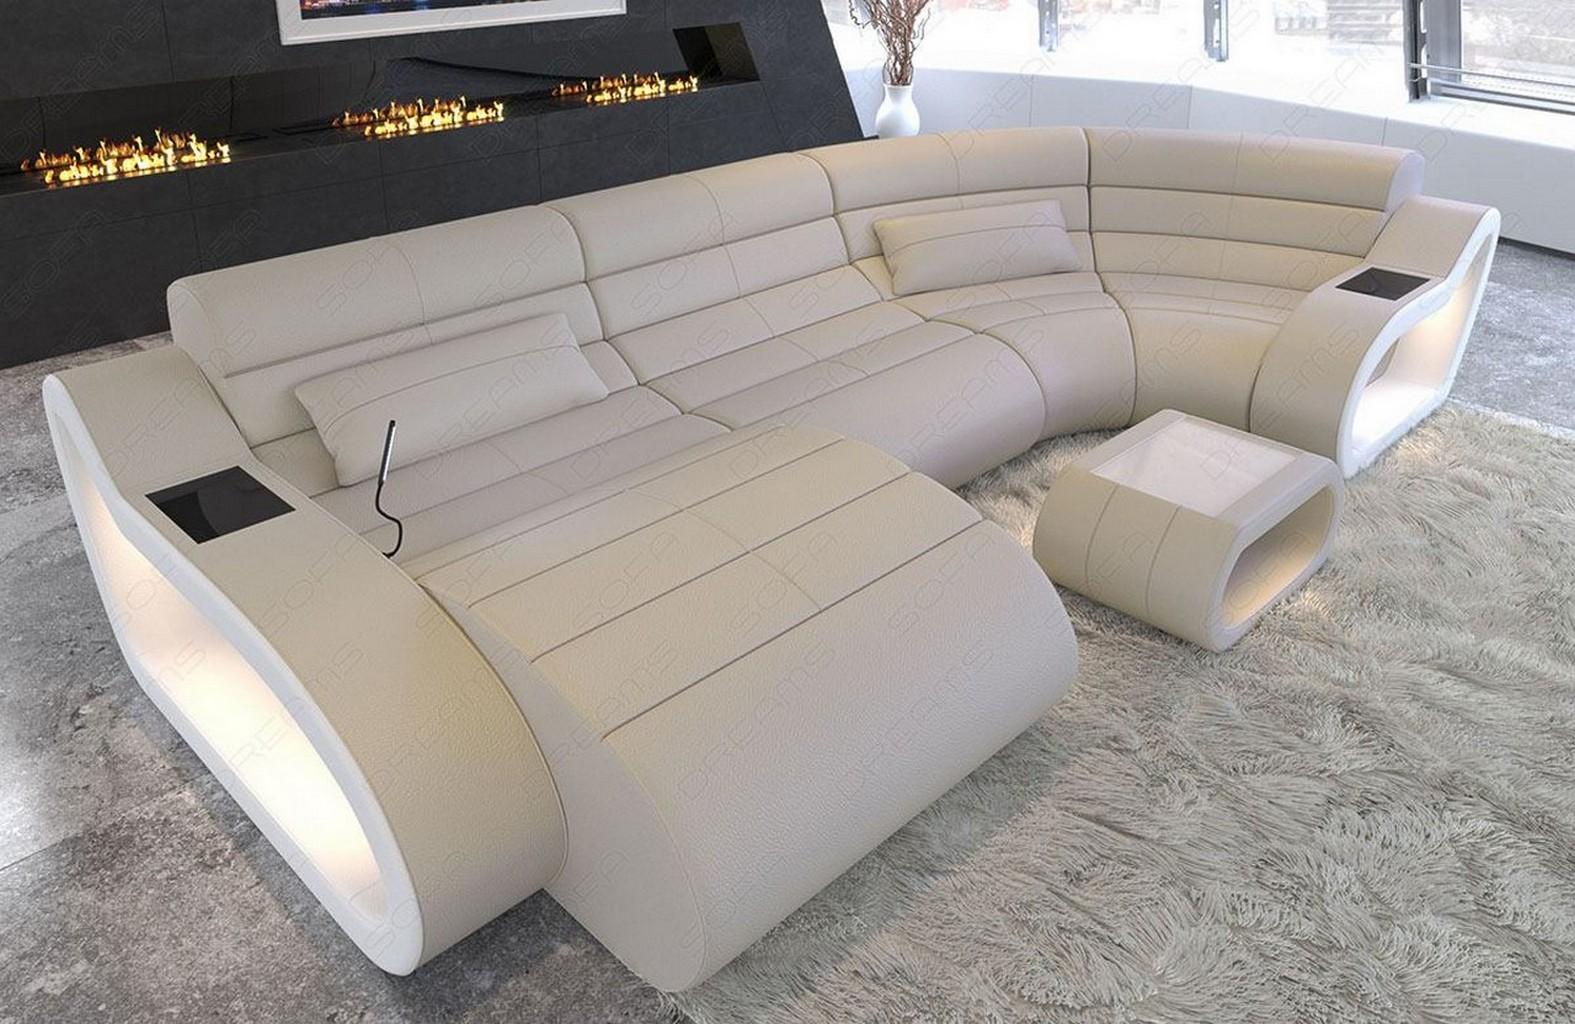 Sectional Sofa Luxury Daytona U Shape Design Couch Big Led Lights